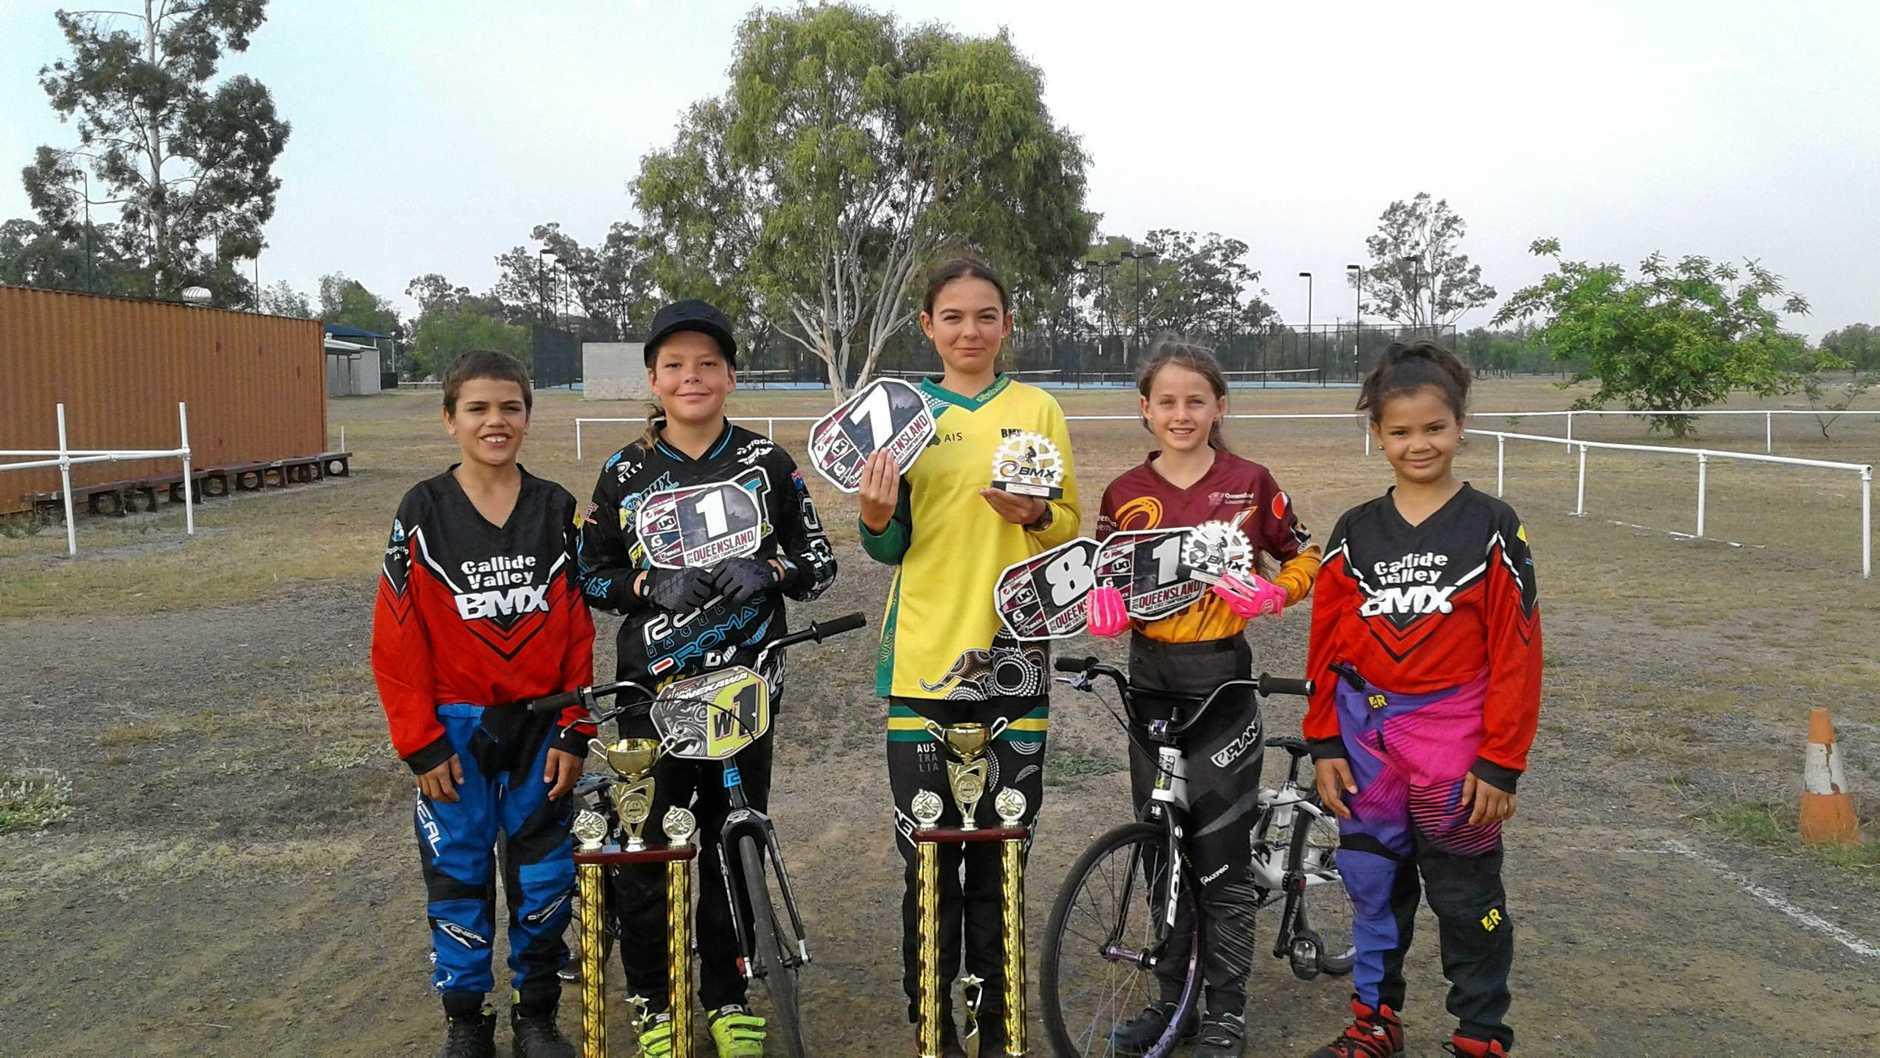 RACING AHEAD: Tama Kororiko, Tama Onekawa, Te Mahia Onekawa, Abby Stevens and Awhena Kororiko from Biloela BMX.